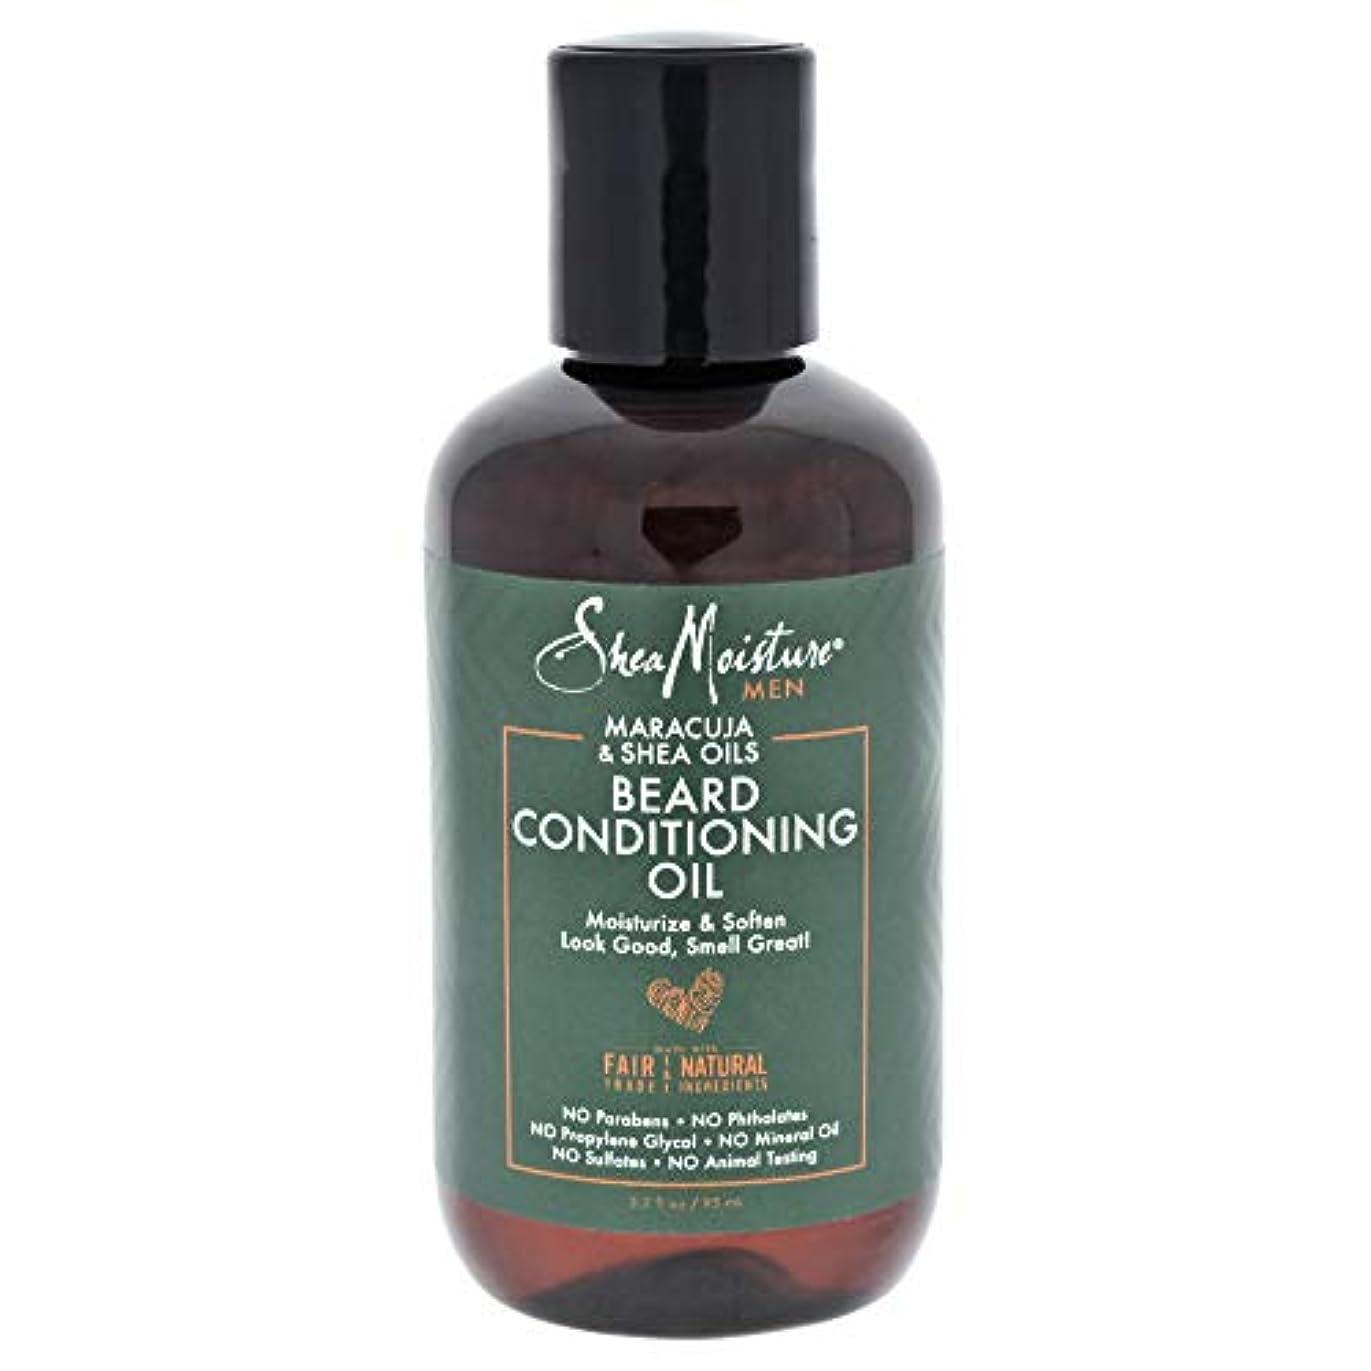 ハンディキャップ組案件Maracuja & Shea Oils Beard Conditioning Oil